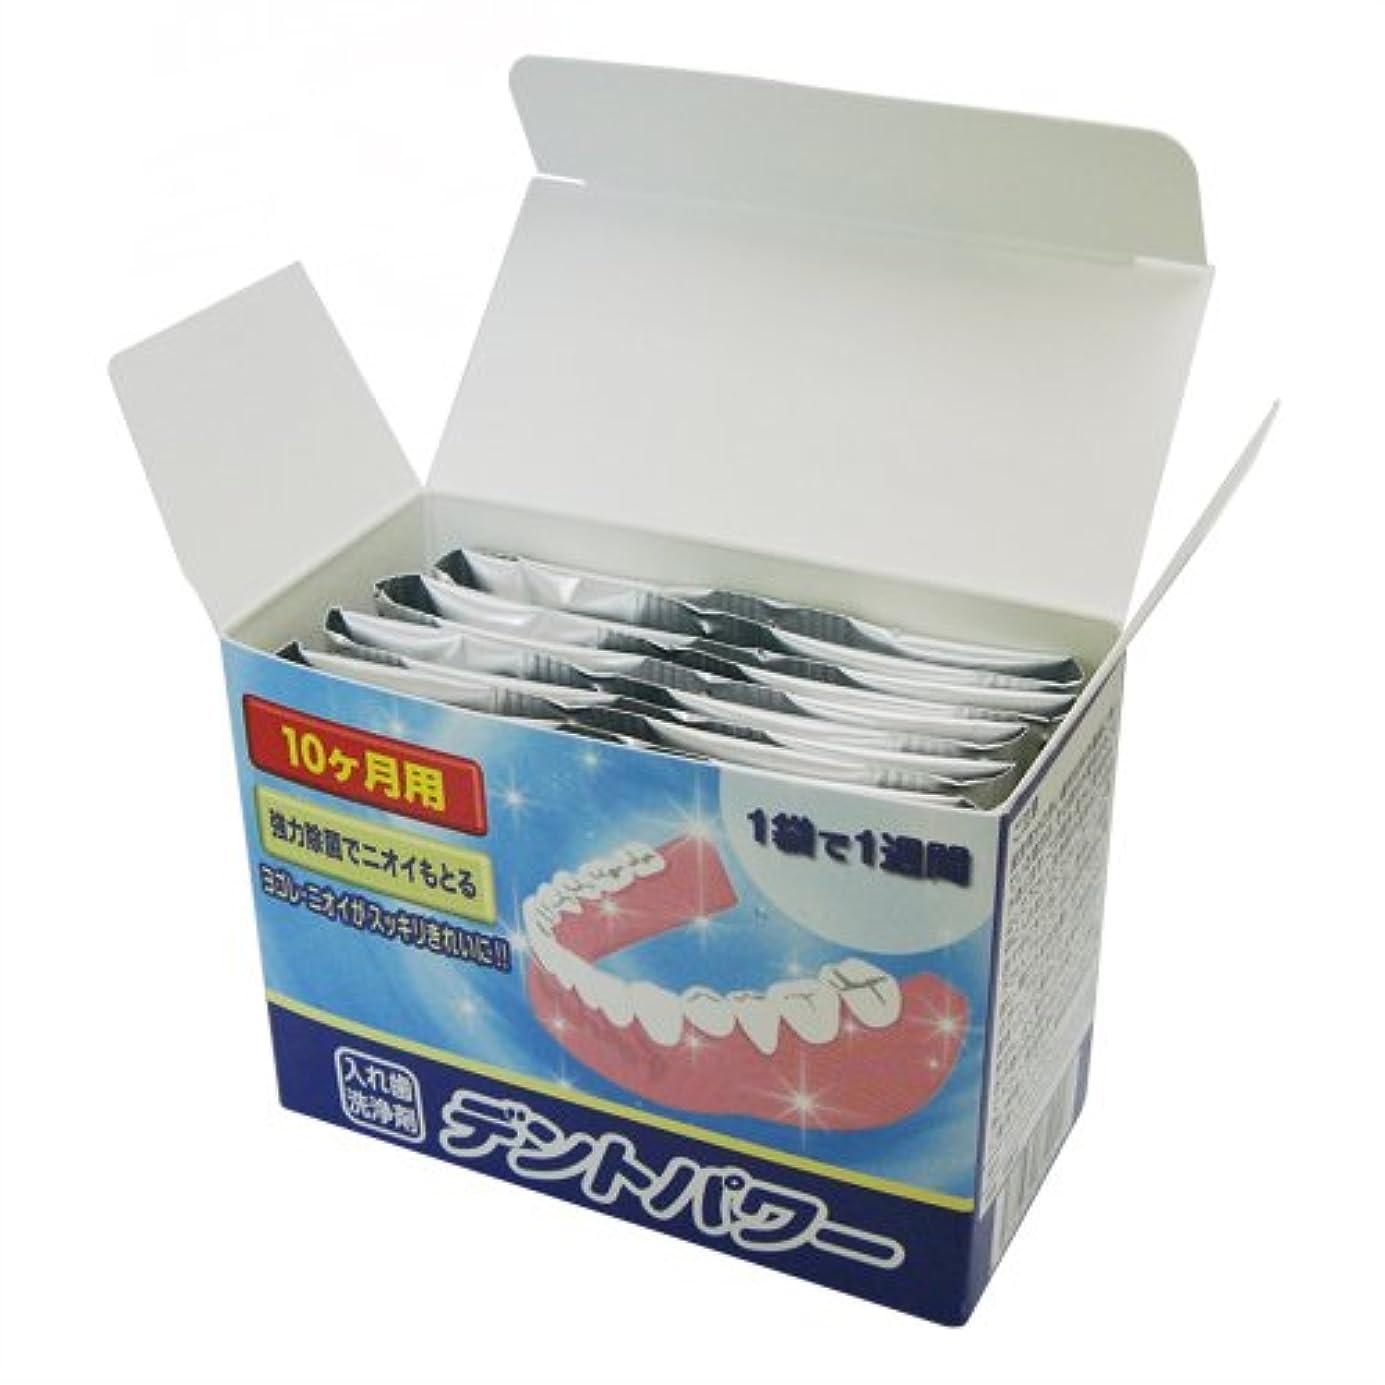 操作コック蒸発するデントパワー 入れ歯洗浄剤 10ヵ月用(専用ケース無し)